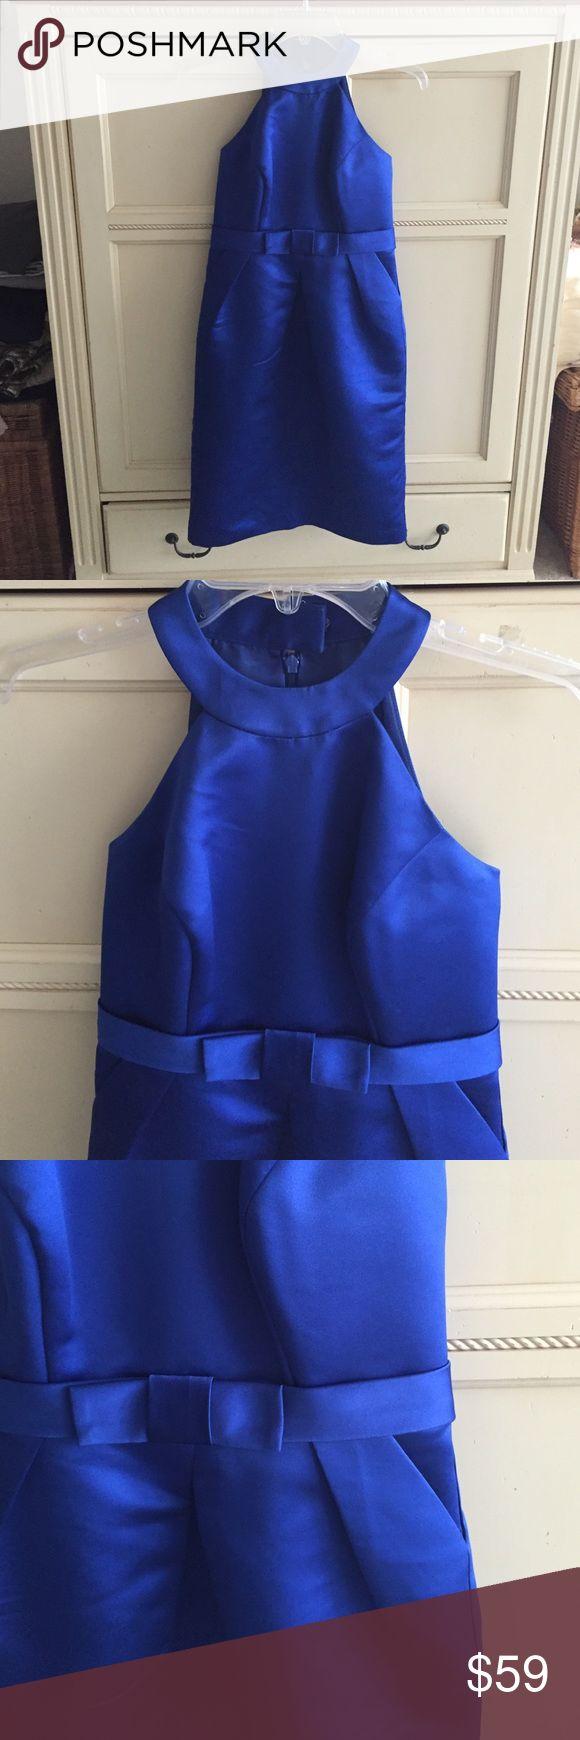 Priscilla of Boston royal blue dress Priscilla of Boston royal blue dress with bow. The perfect party ensemble !!! NWOT priscilla of boston Dresses